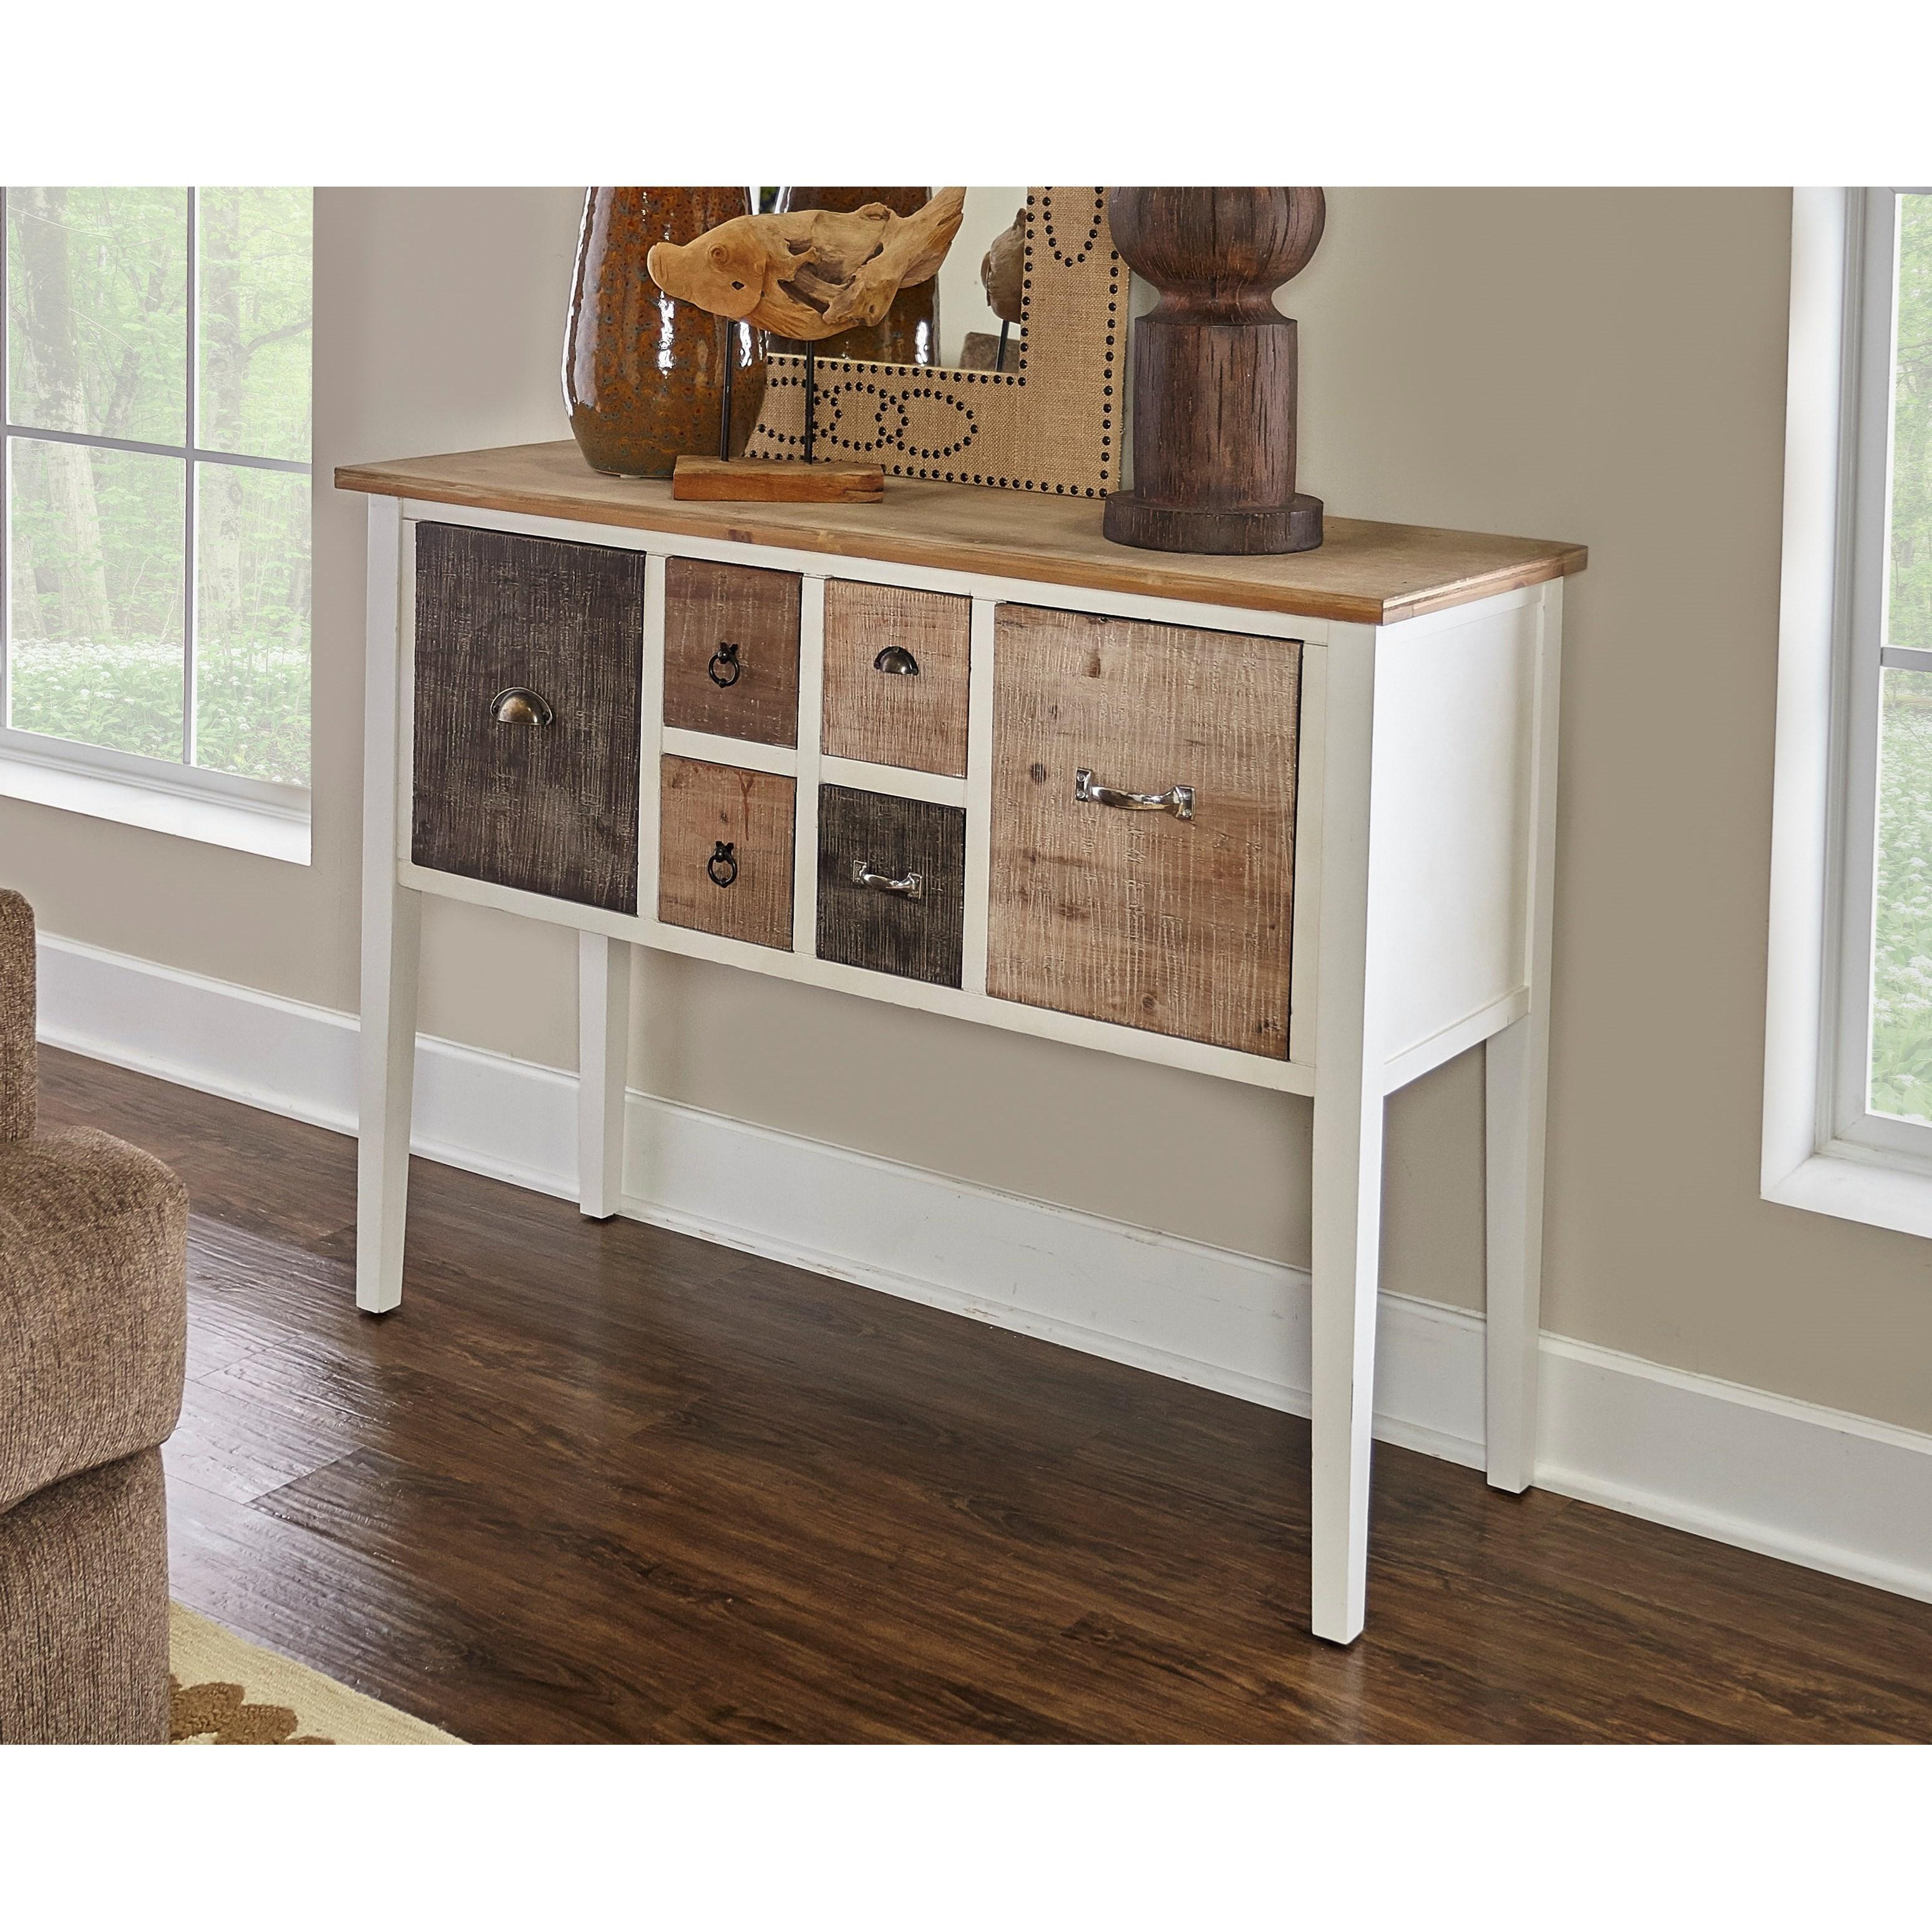 Powell Accent FurnitureBrighton Console ...